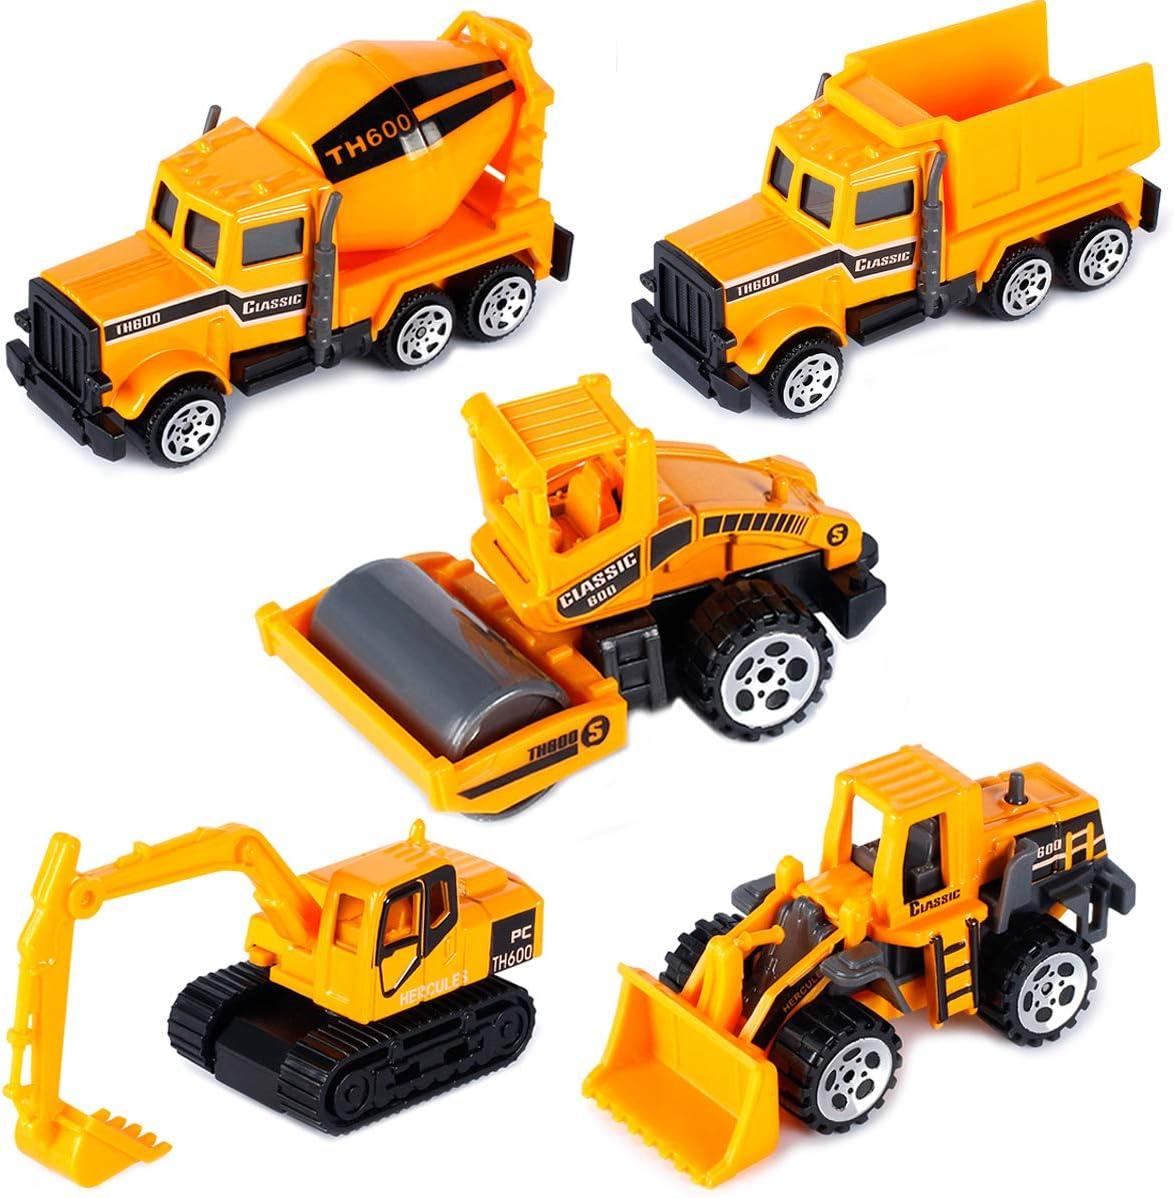 Dreamon Camiones de Construcción Mini Coches Escala 1:64 Juguetes de Colección para Años (Pack de 5)